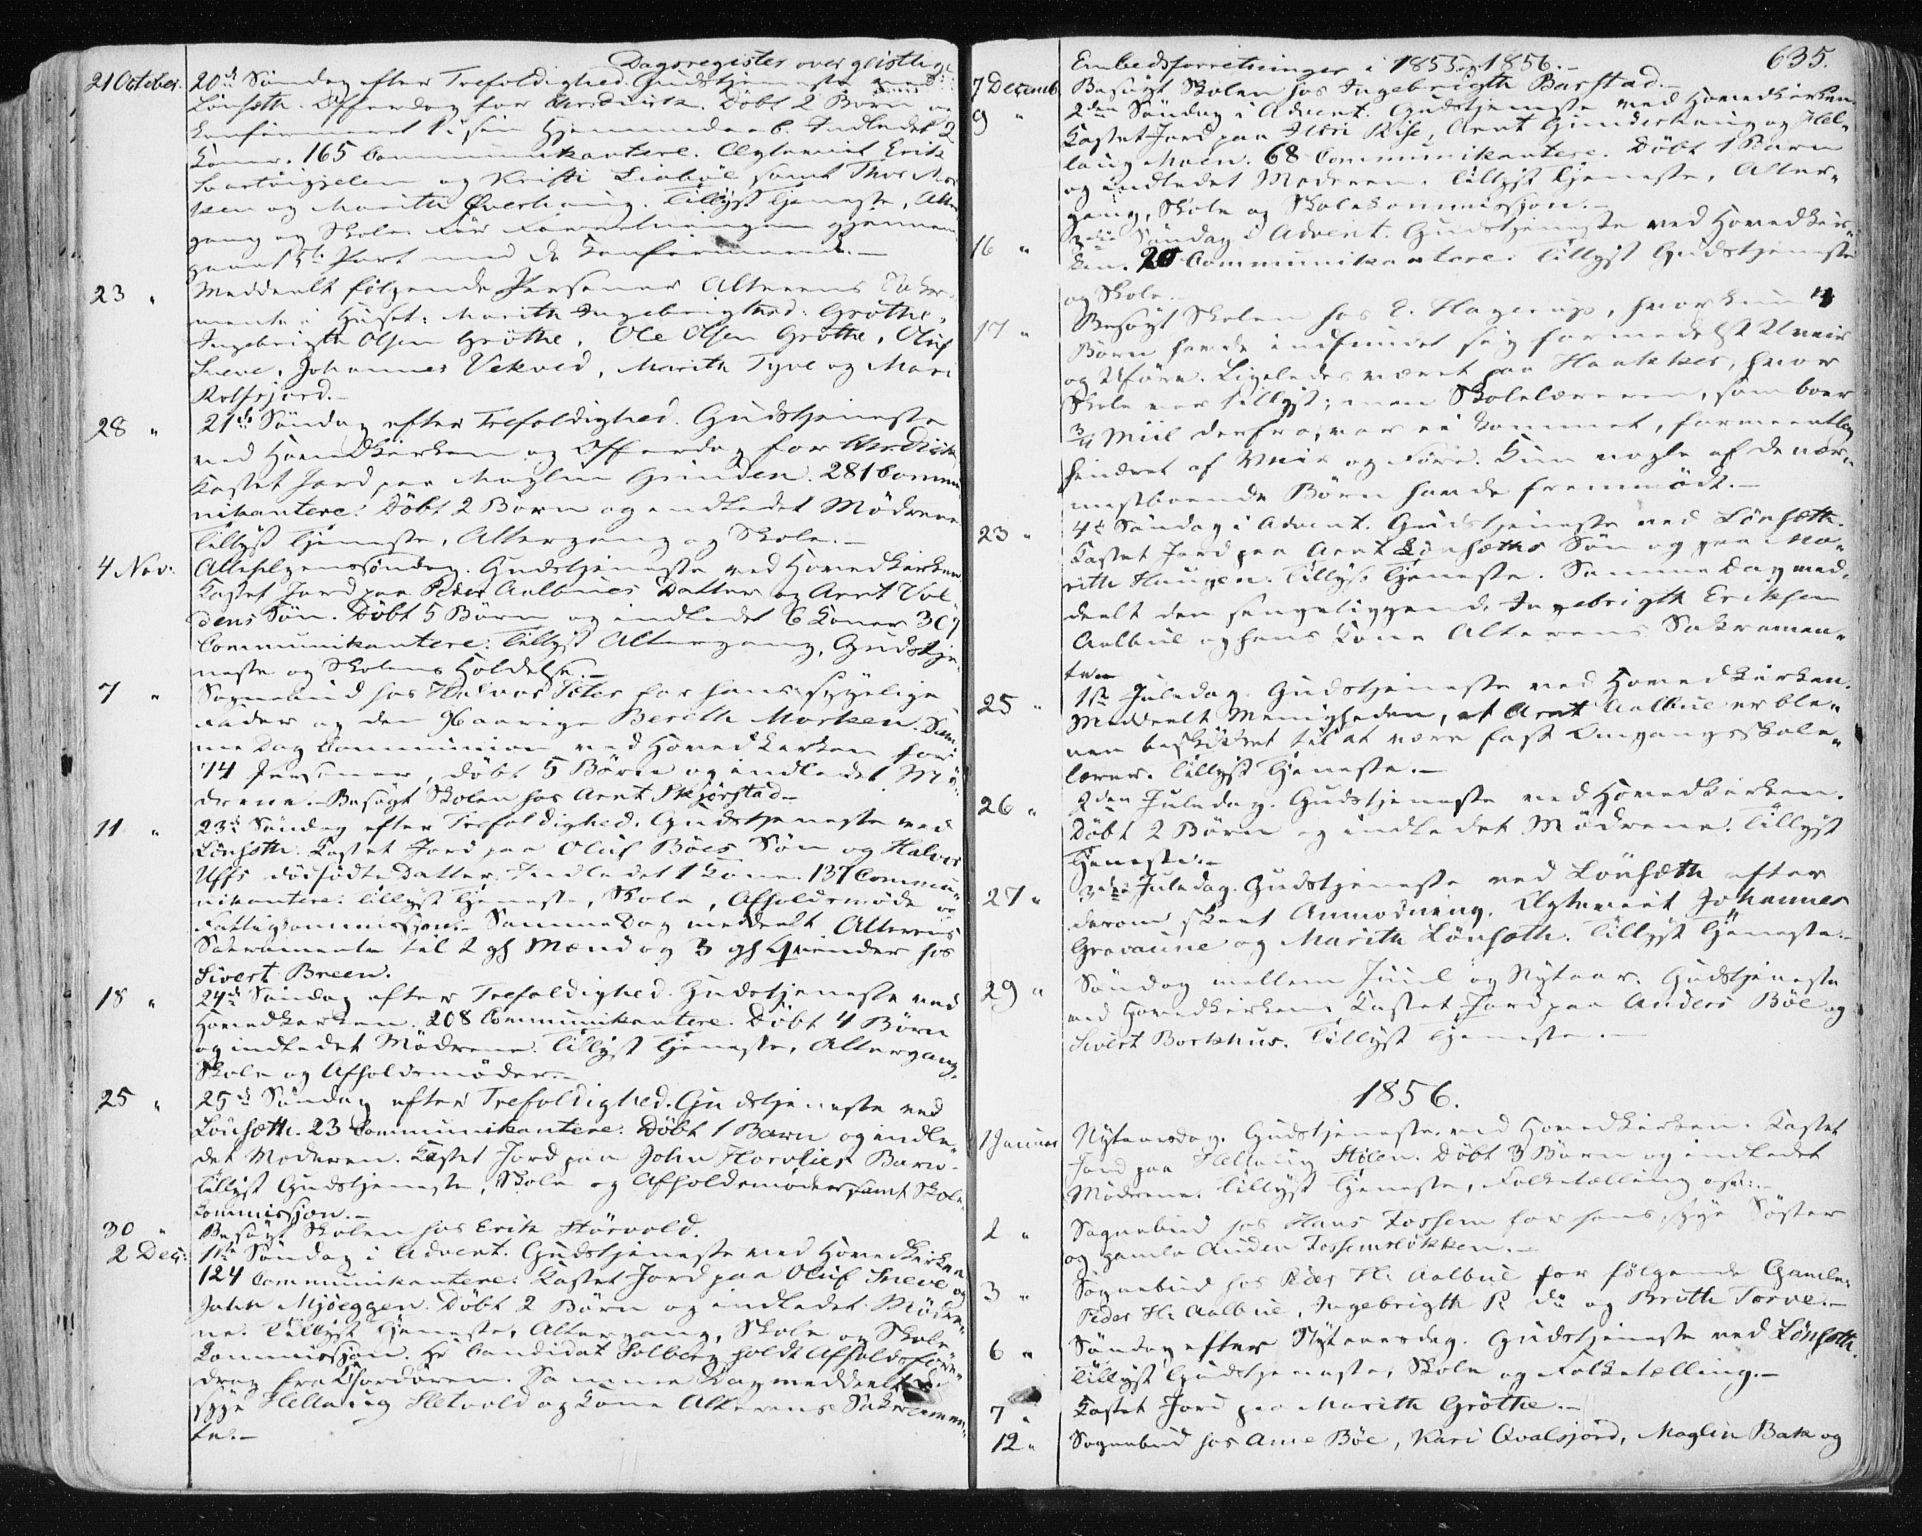 SAT, Ministerialprotokoller, klokkerbøker og fødselsregistre - Sør-Trøndelag, 678/L0899: Ministerialbok nr. 678A08, 1848-1872, s. 635